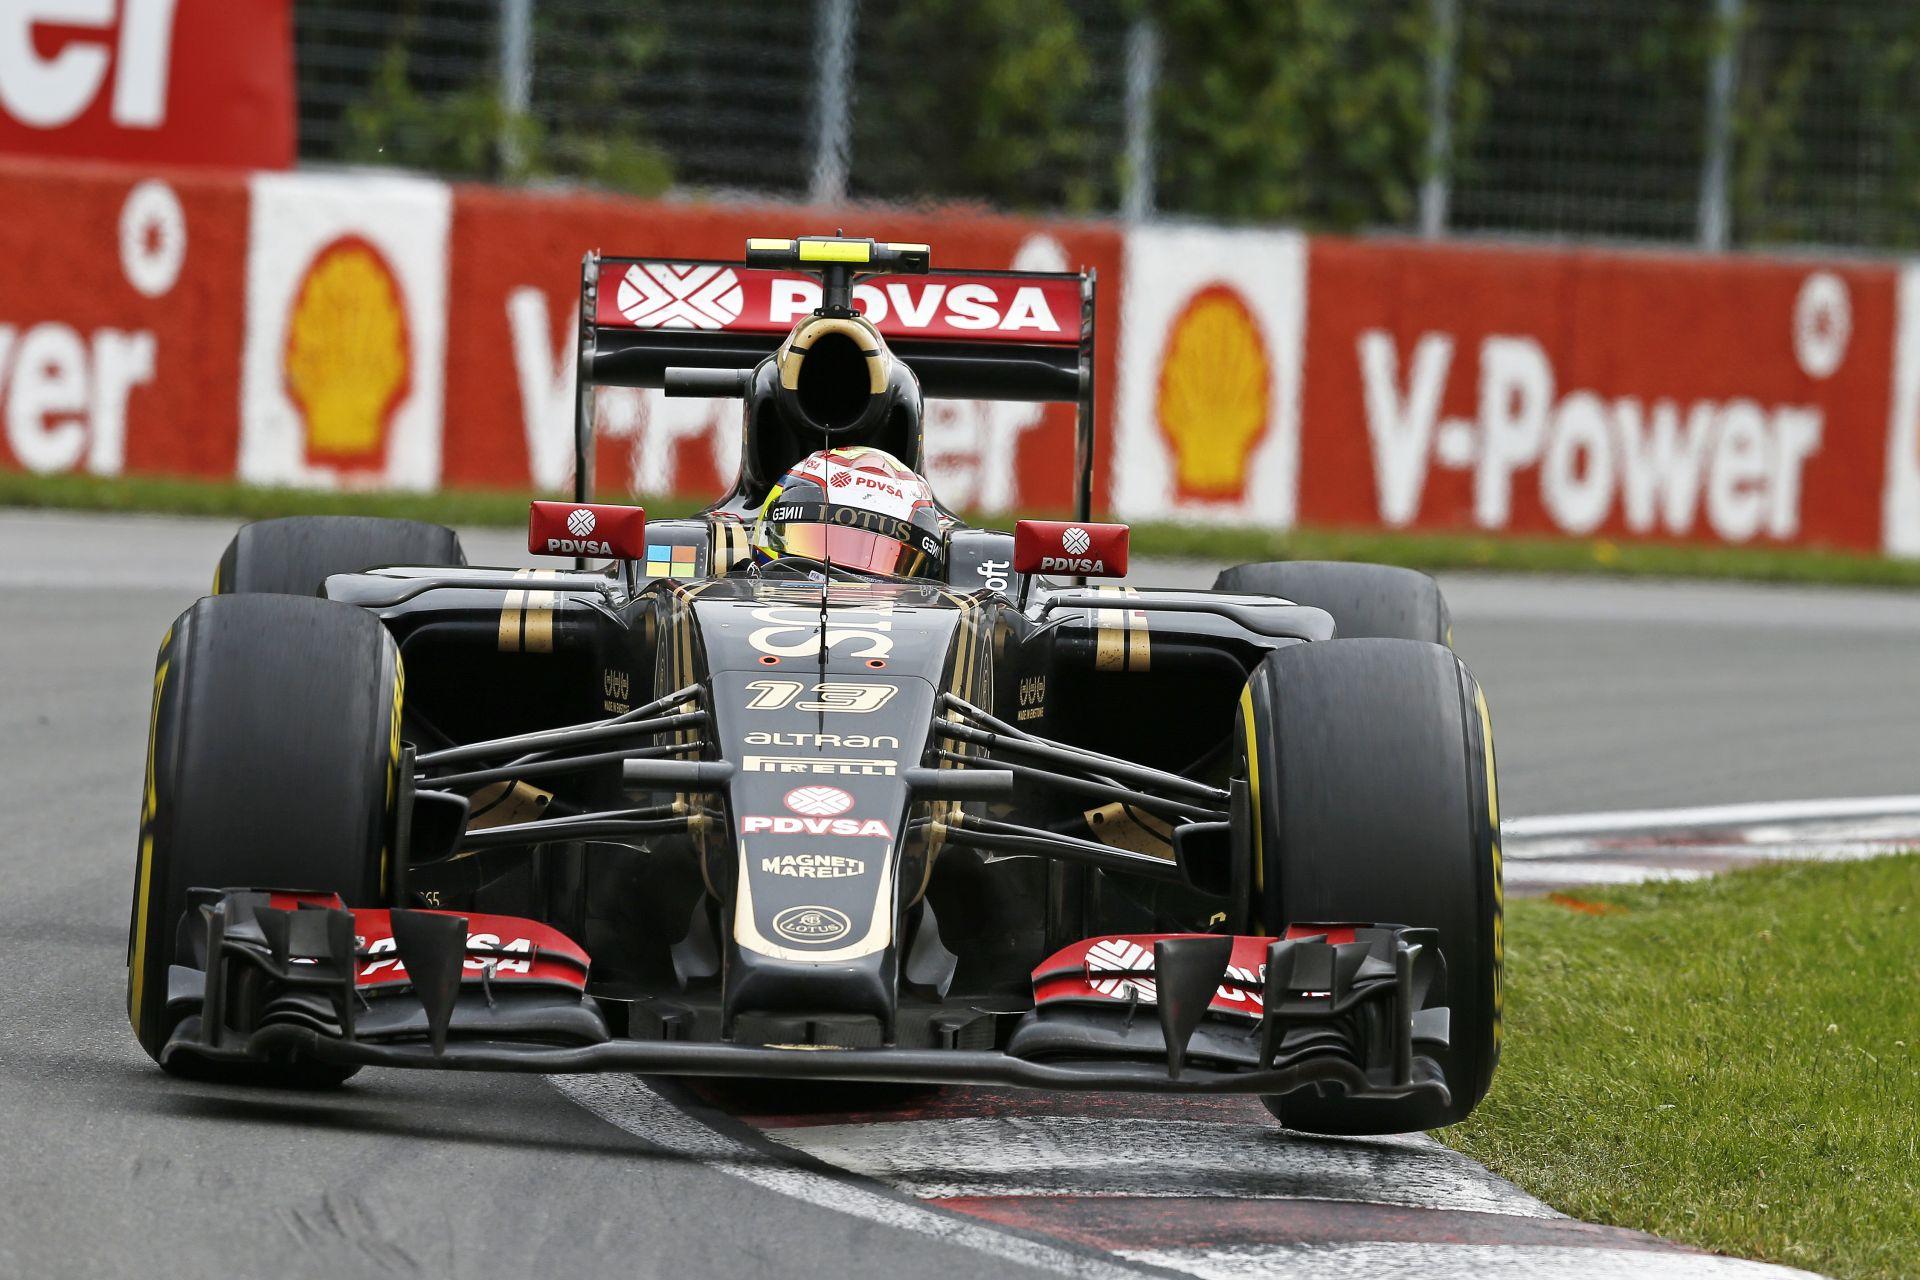 Maldonado tekergése a Lotusszal Kanadában: Végre versenyképes volt a gép!